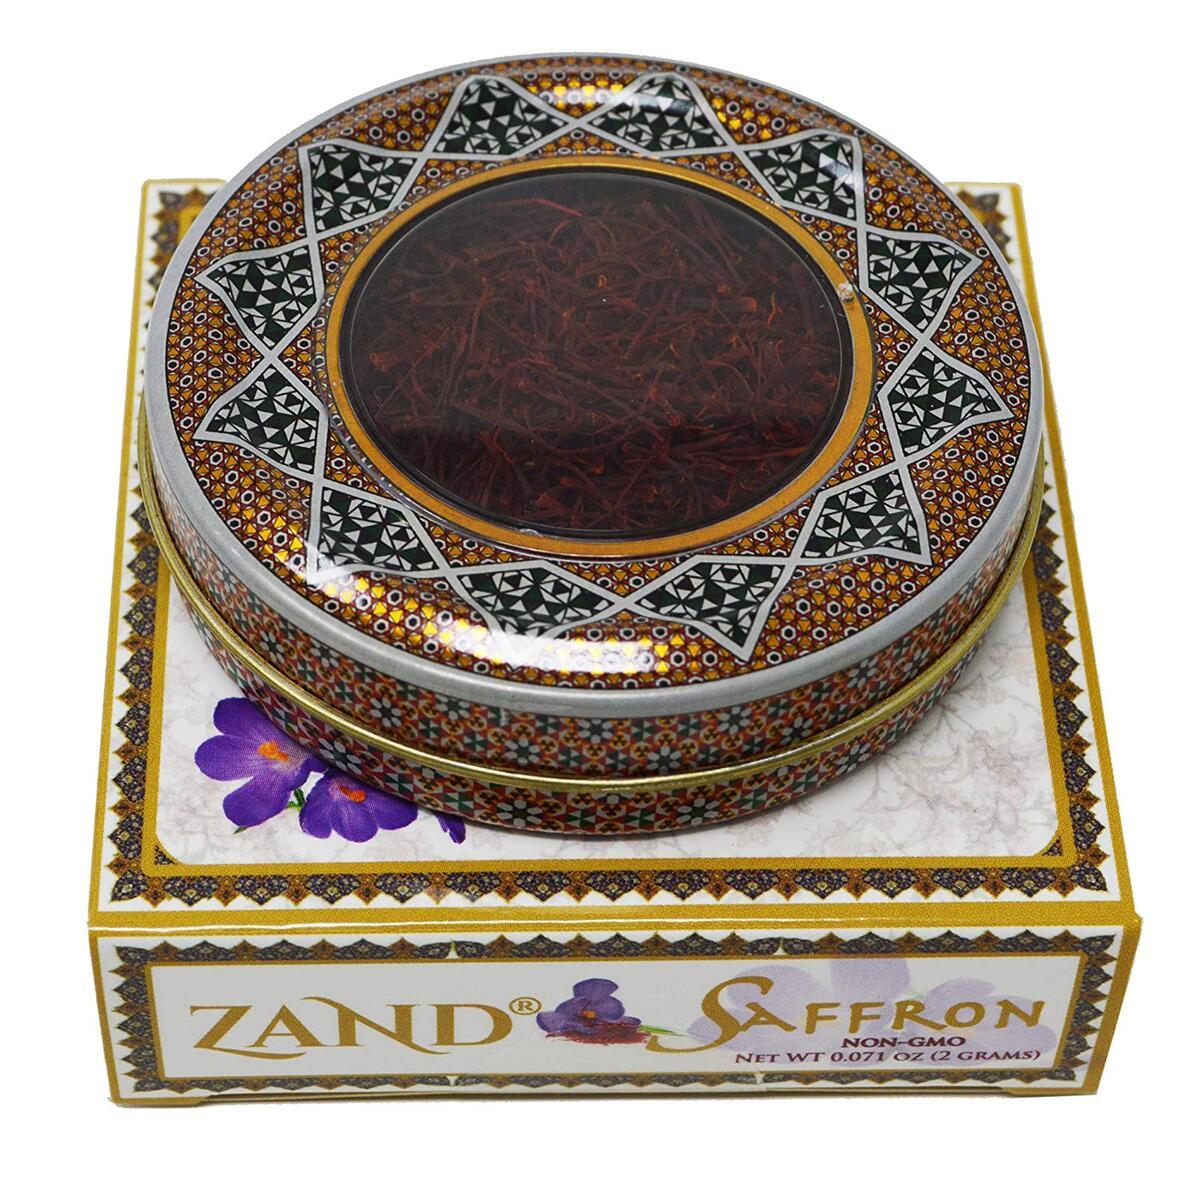 Zand Persian Saffron Threads – Premium Grade 1 Saffron Spice for Cooking Basmati Rice, Paella, Risotto and More – in Decorative Airtight Tin with Window Lid (2 Grams)